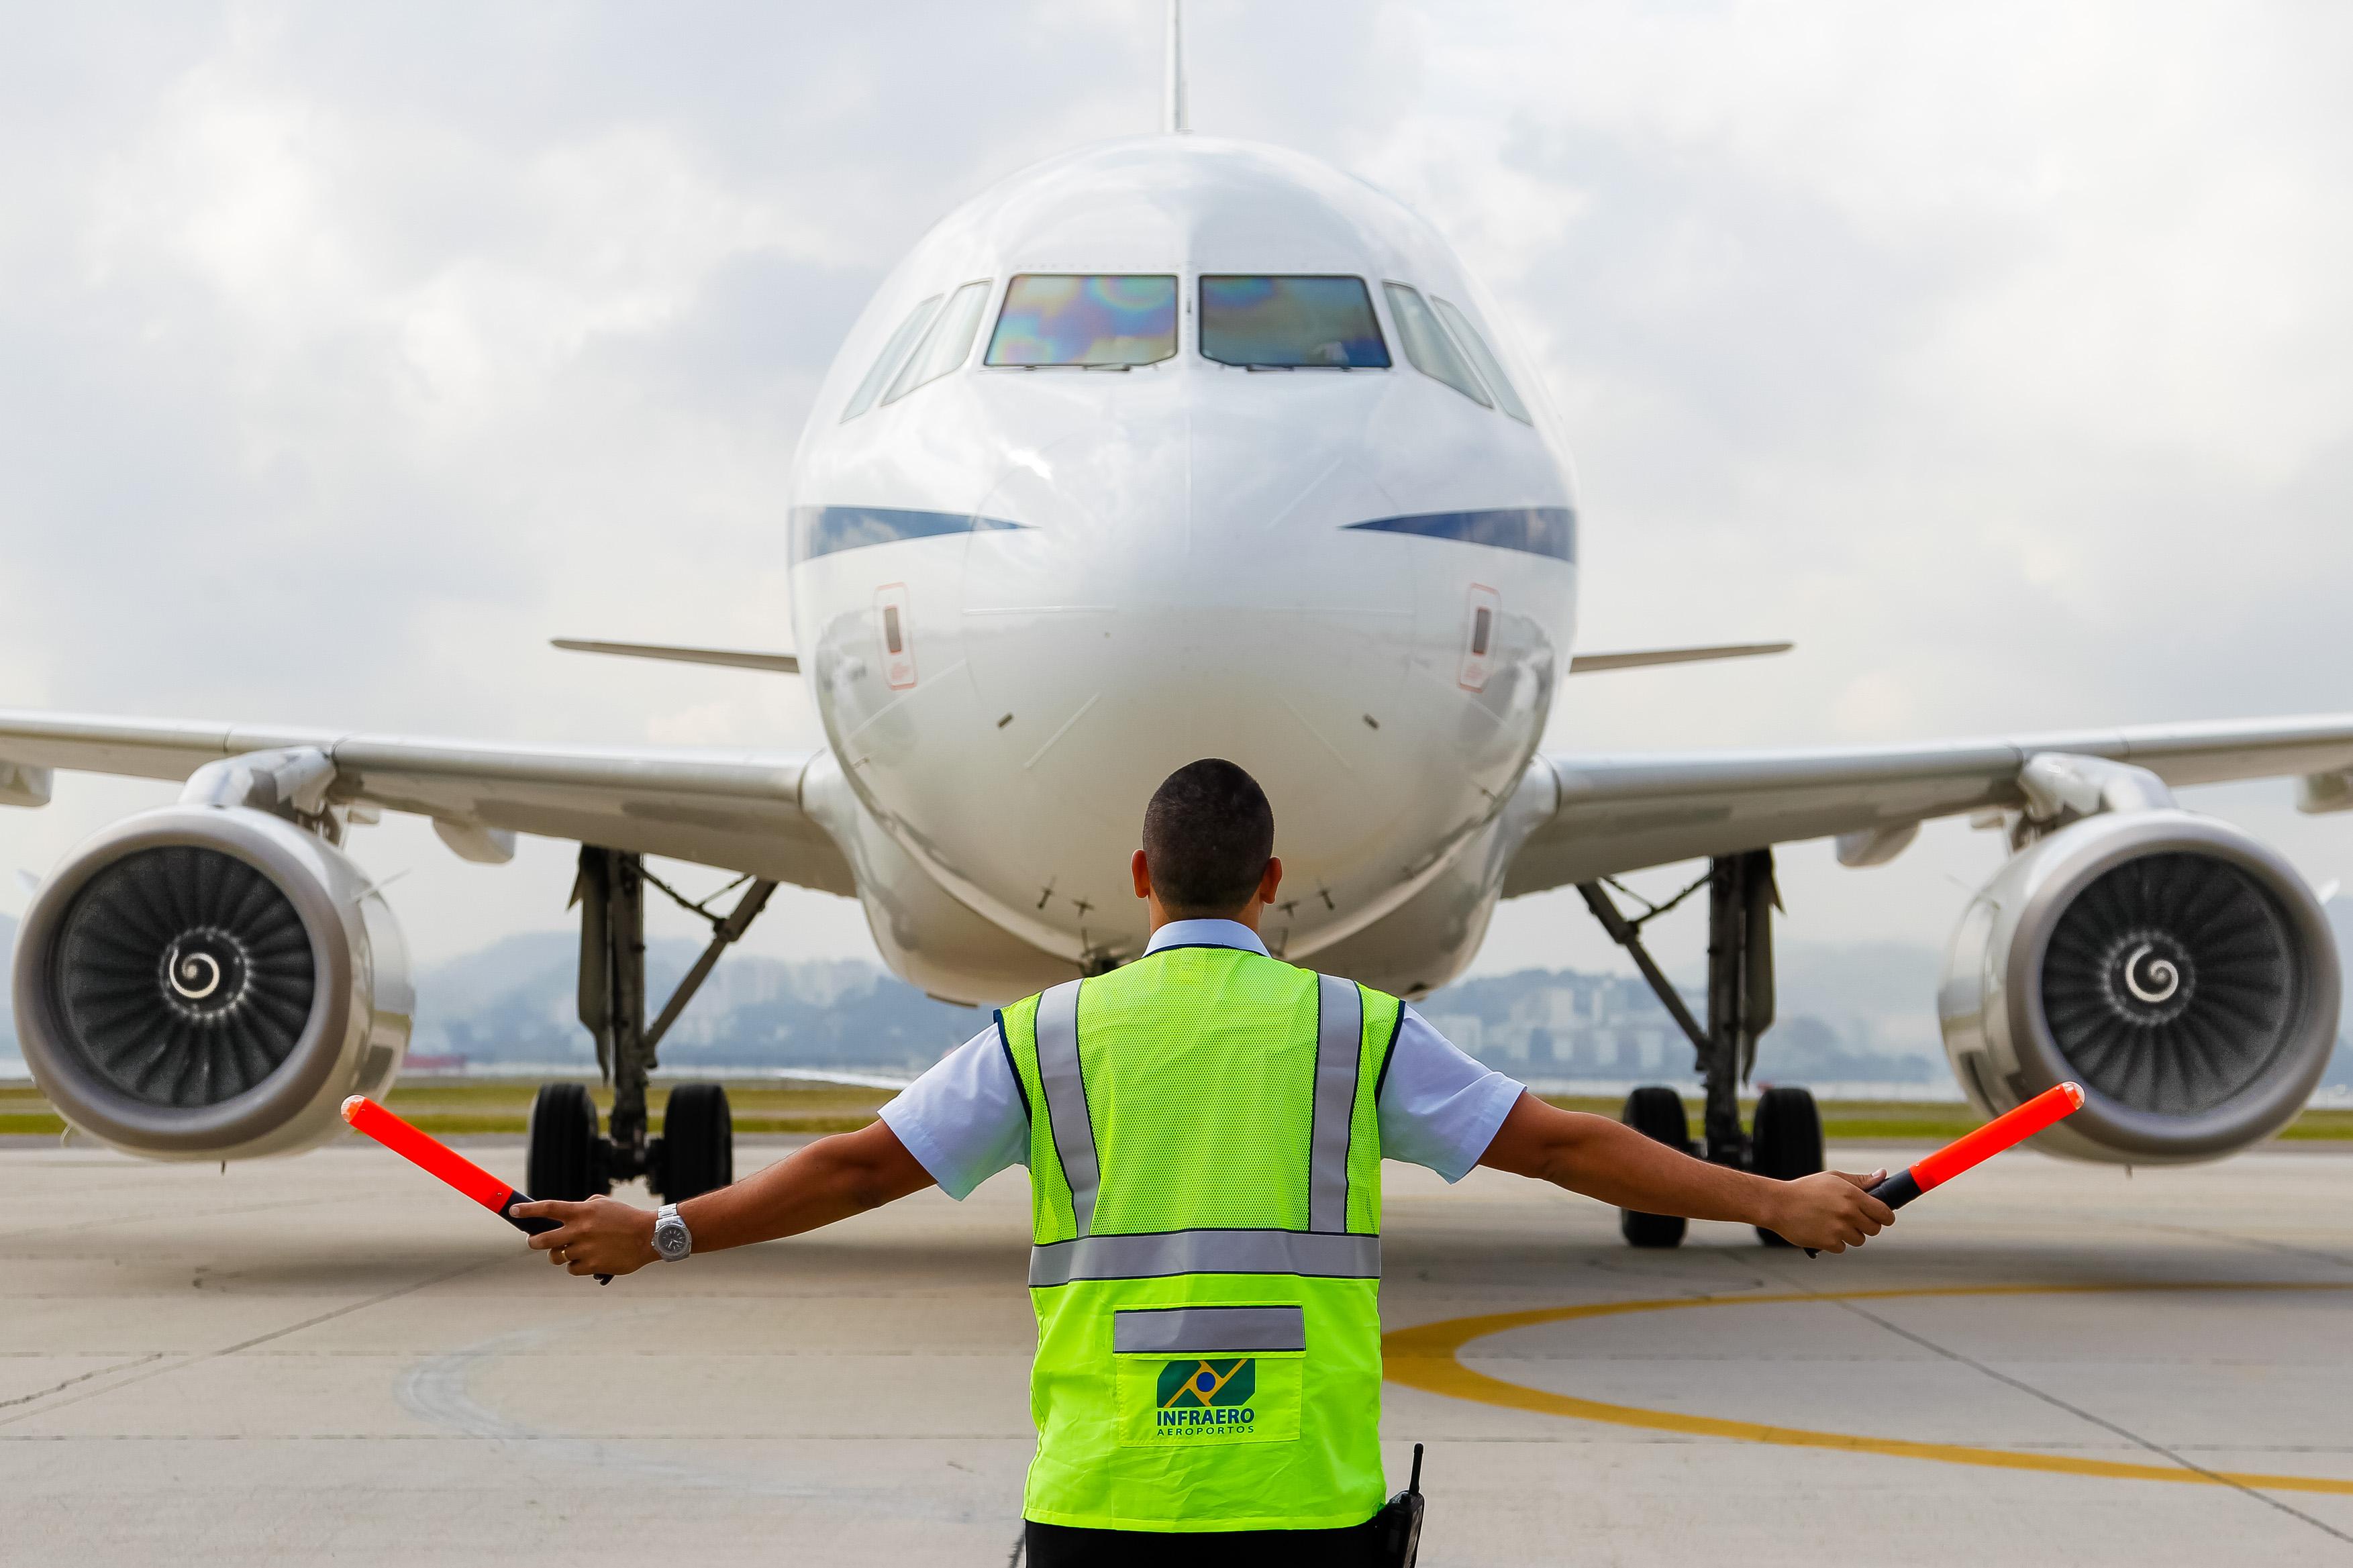 Transporte - aviação - pátio aeroportos voos viagens segurança pousos aterrissagens aeroportuários infraero